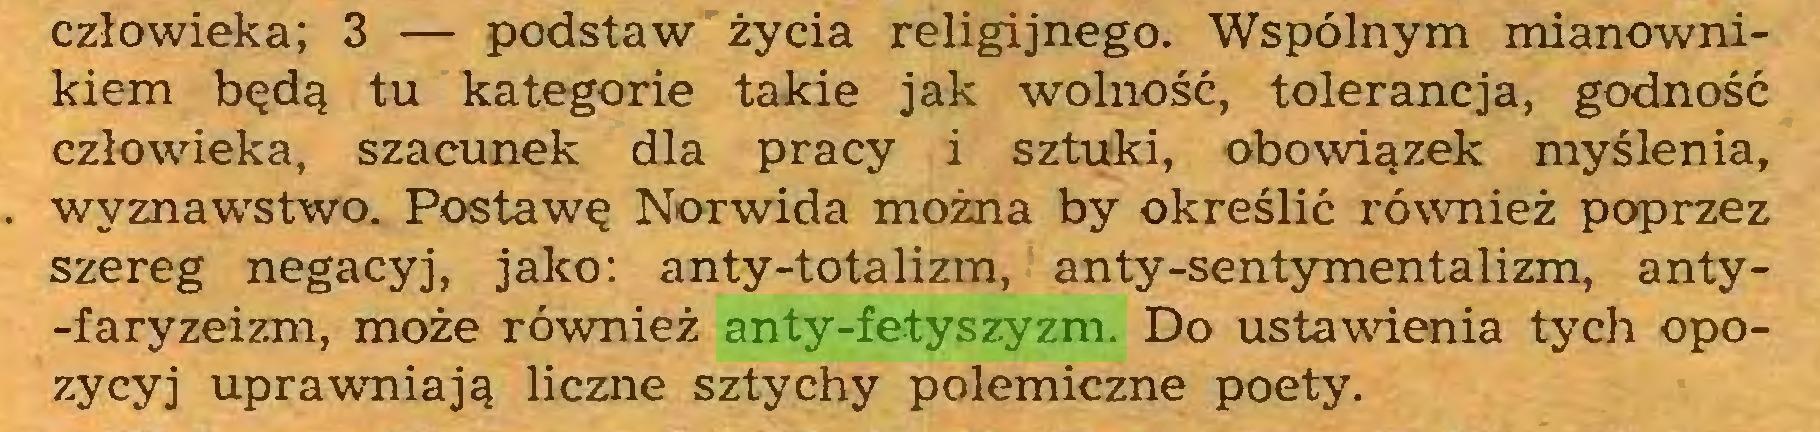 (...) człowieka; 3 — podstaw życia religijnego. Wspólnym mianownikiem będą tu kategorie takie jak wolność, tolerancja, godność człowieka, szacunek dla pracy i sztuki, obowiązek myślenia, wyznawstwo. Postawę Norwida można by określić również poprzez szereg negacyj, jako: anty-totalizm, anty-sentymentalizm, anty-faryzeizm, może również anty-fetyszyzm. Do ustawienia tych opozycyj uprawniają liczne sztychy polemiczne poety...